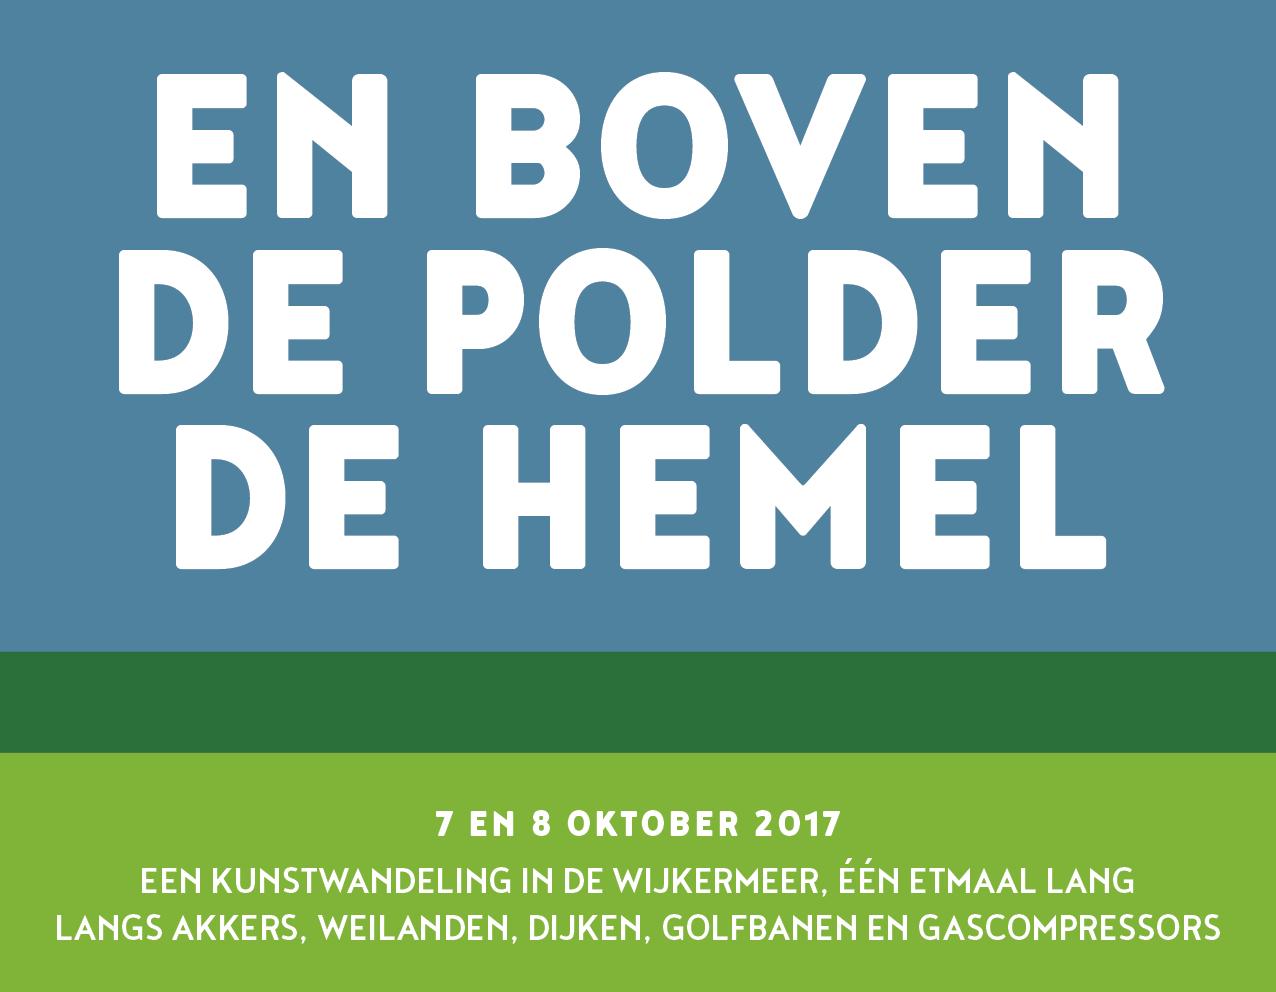 Boven_de_polder_banner